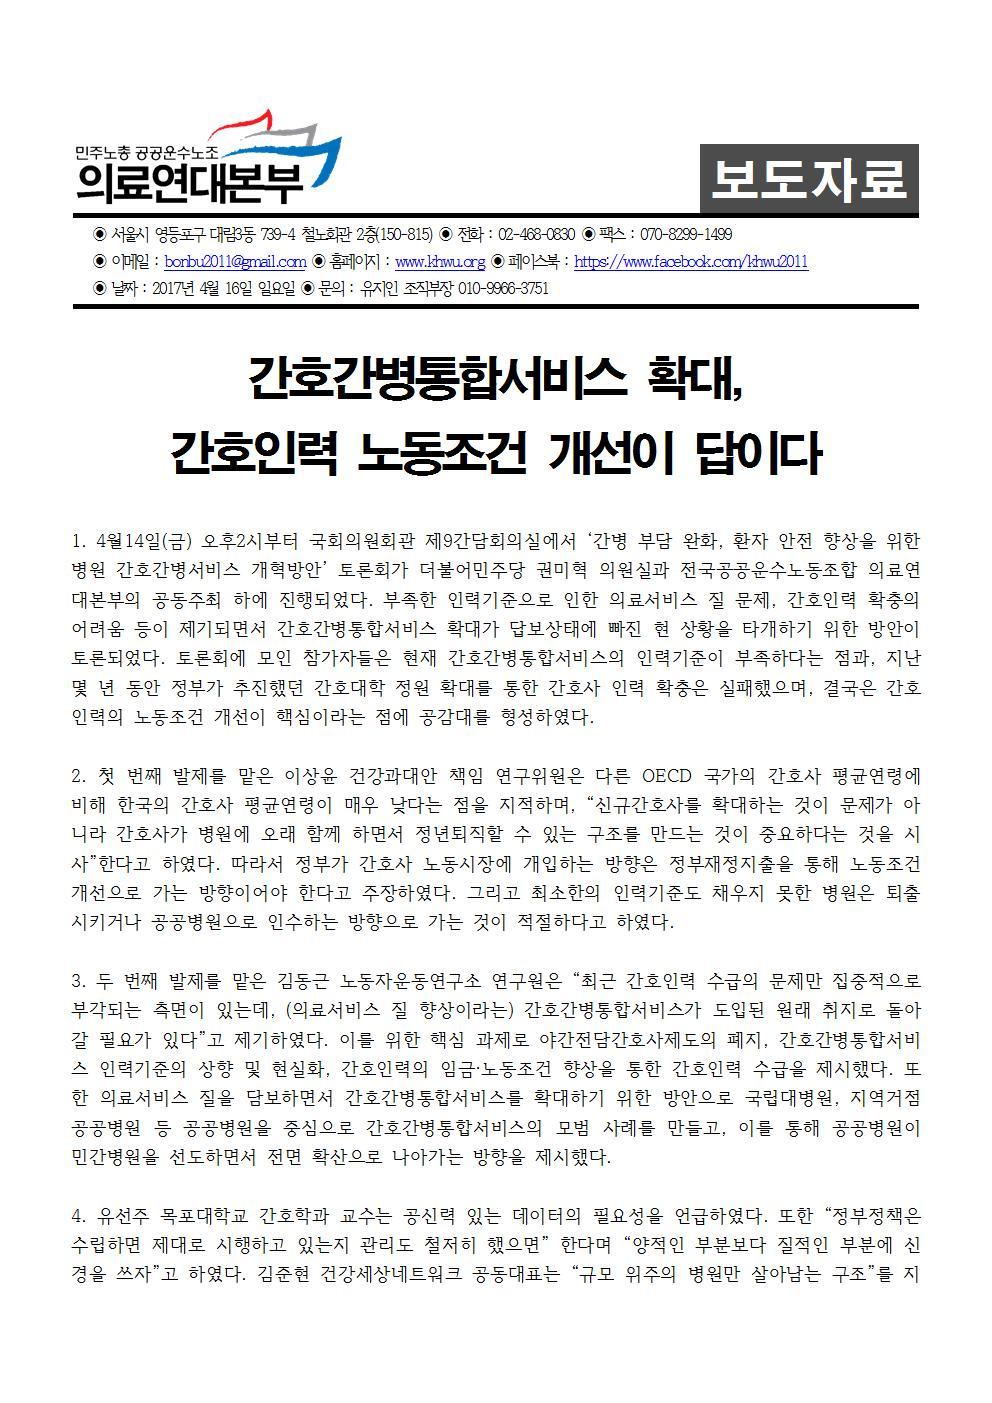 [보도자료] 병원 간호간병서비스 개혁방안 토론회001.jpg